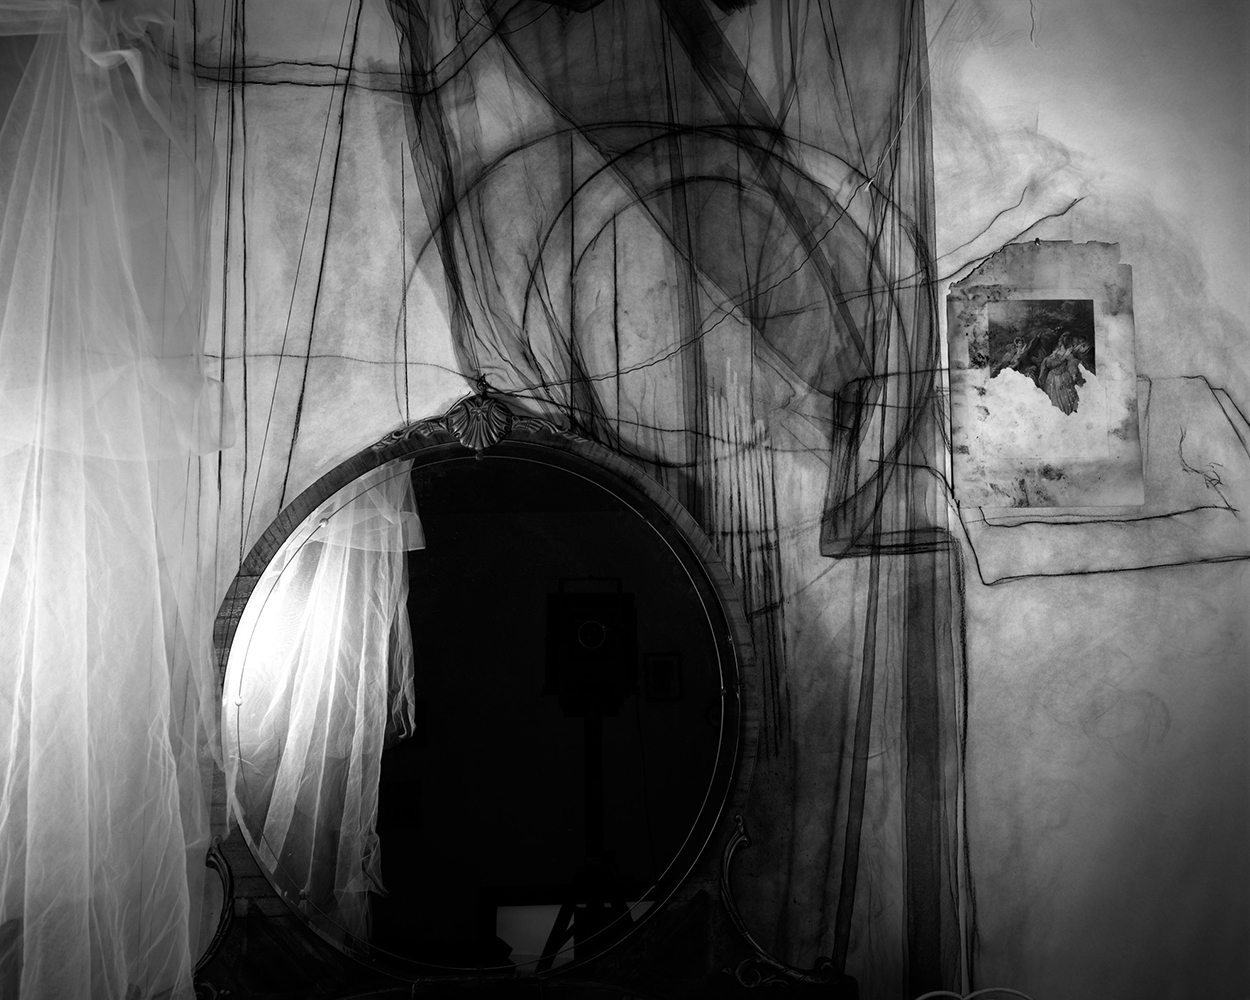 Lauren Semivan,  Mirror,  2010. Archival pigment print.